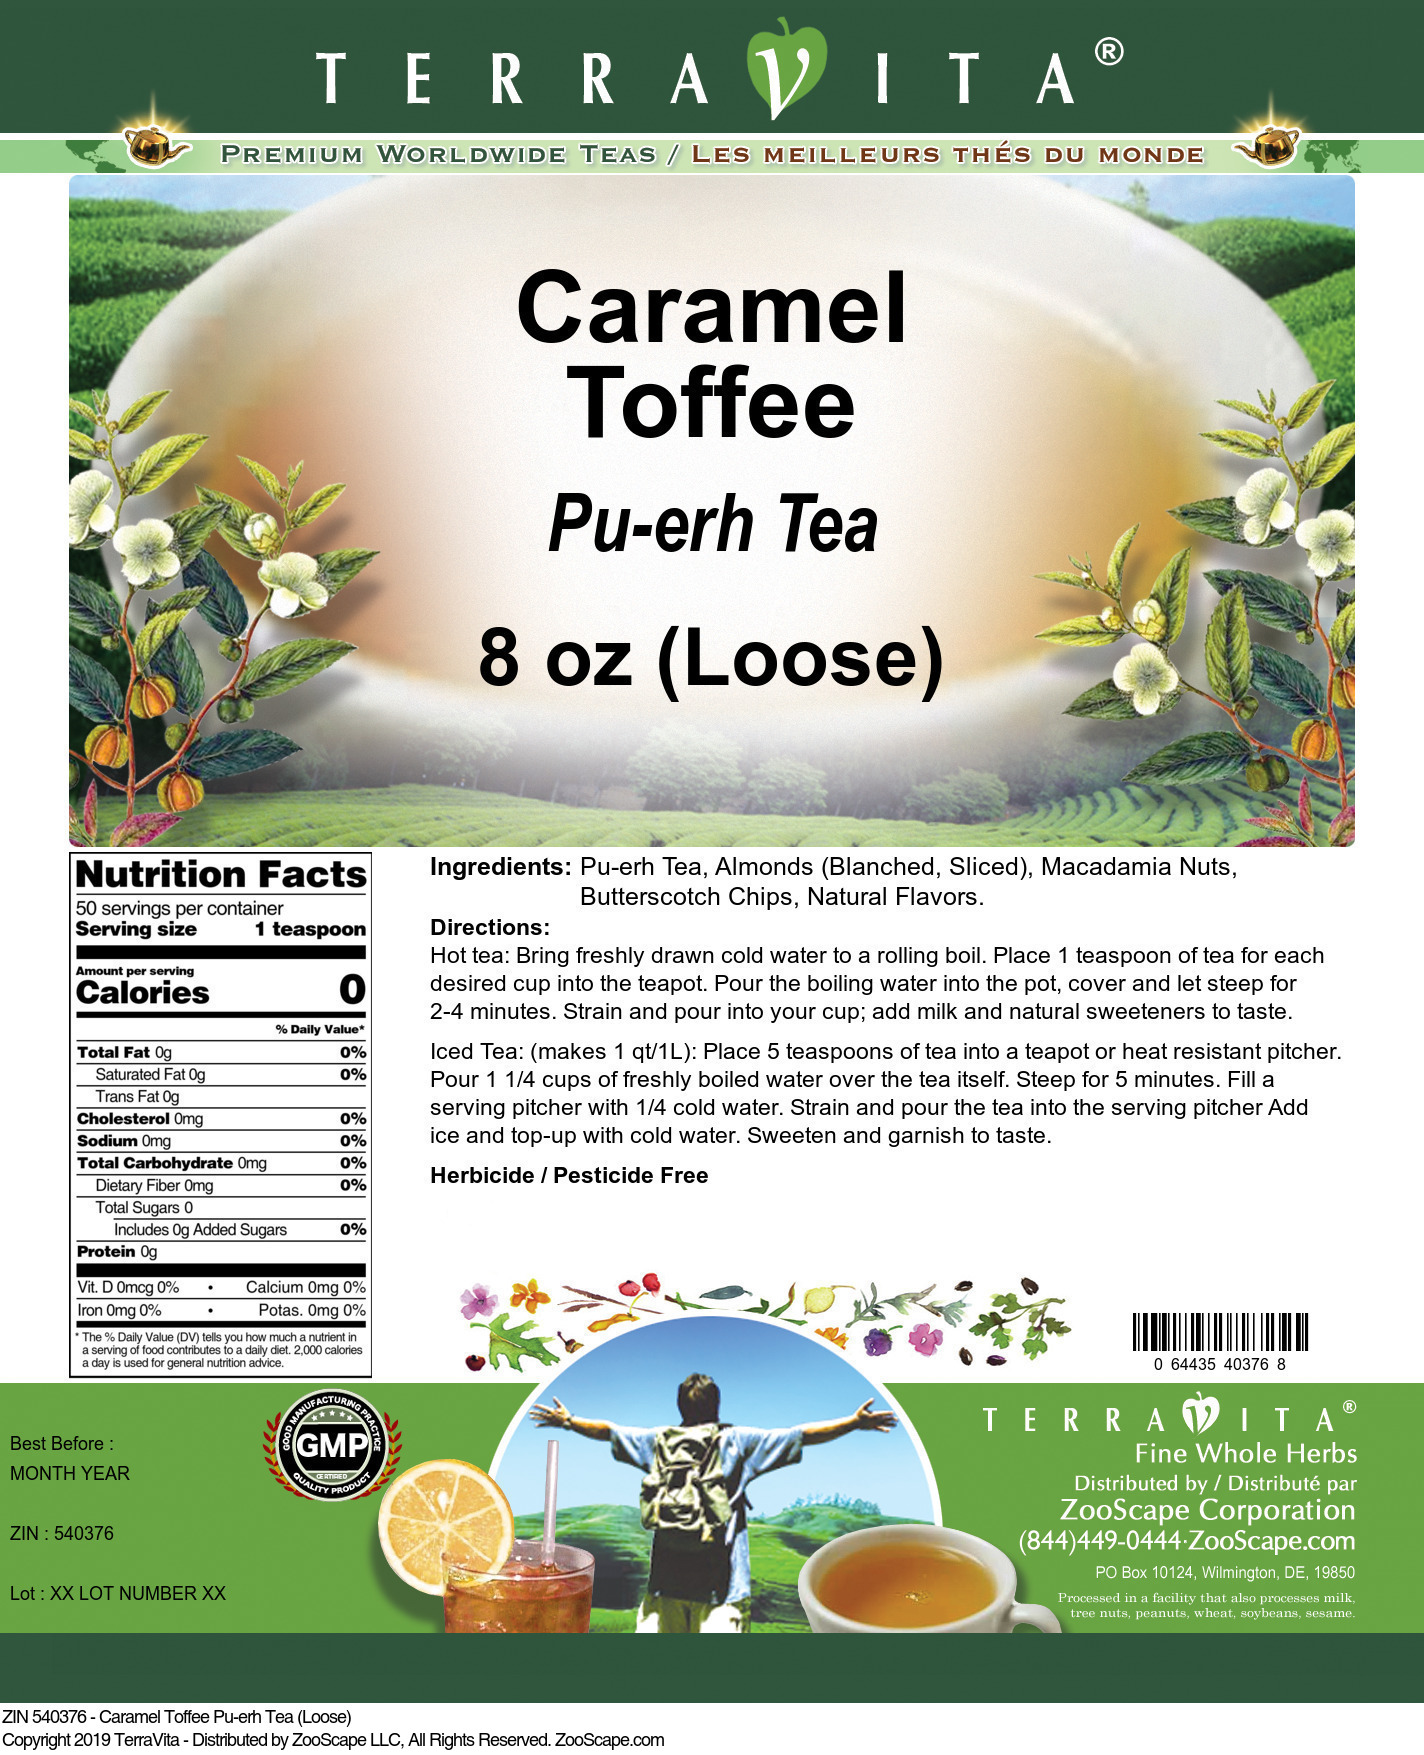 Caramel Toffee Pu-erh Tea